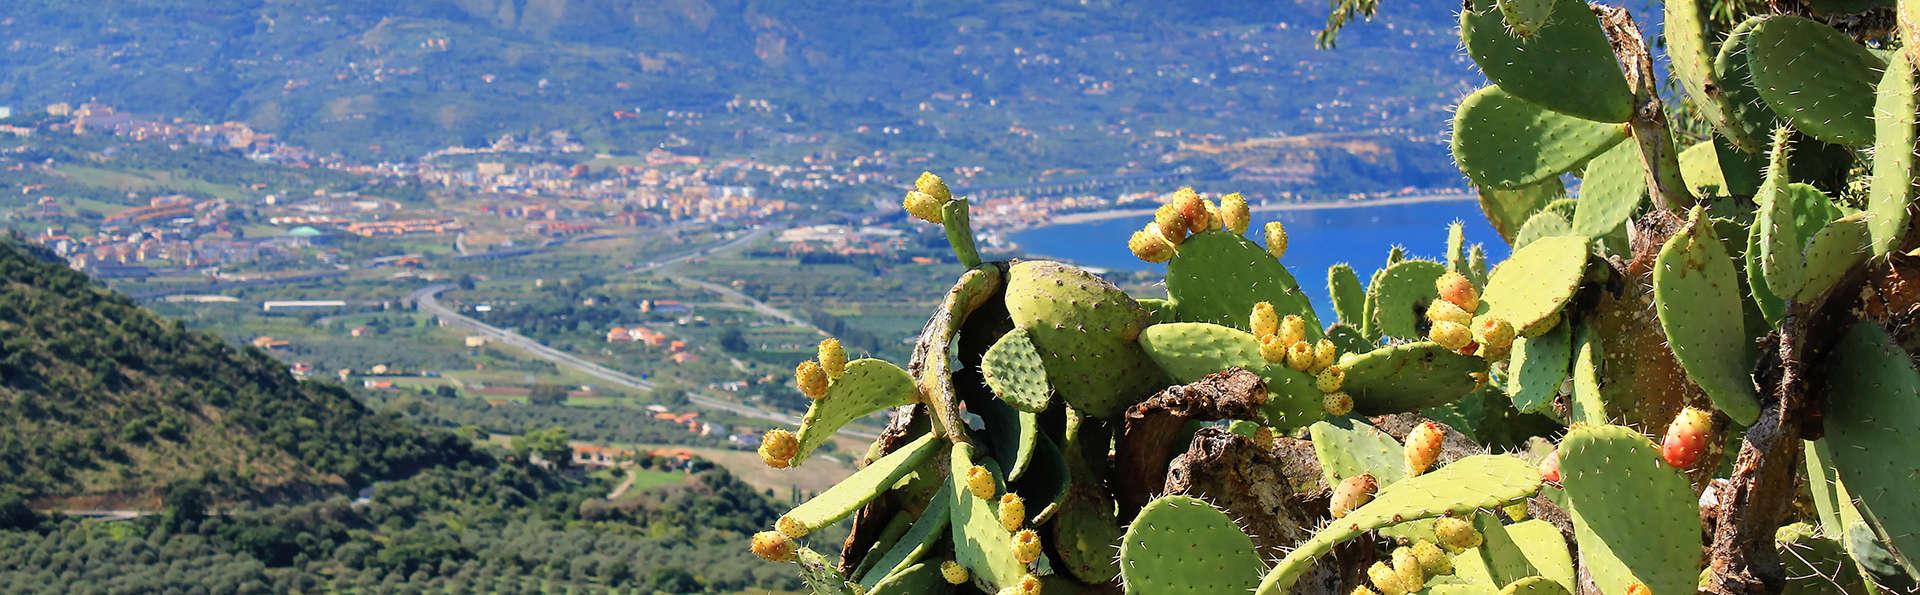 Sous le soleil de Sicile à Castel di Tusa